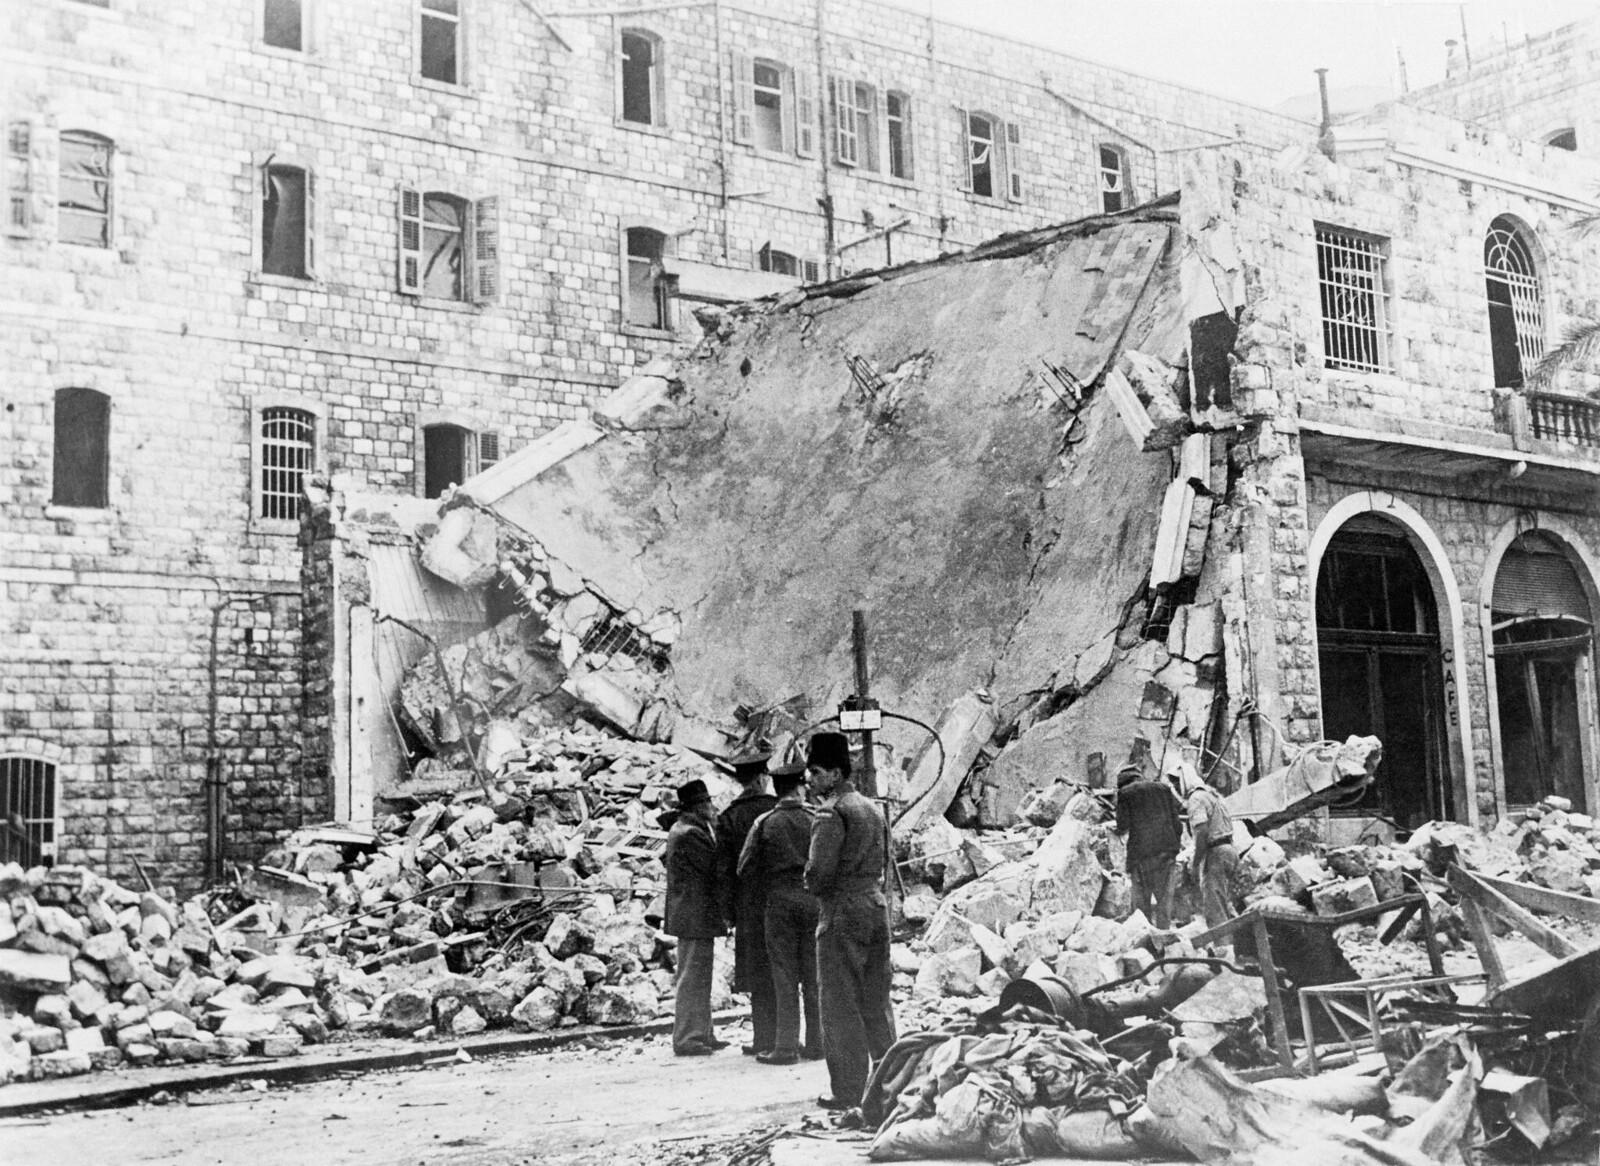 06. Вид на разрушенную взрывом штаб-квартиру британской полиции в Хайфе. Терракт был совершен членами организации «Иргун»